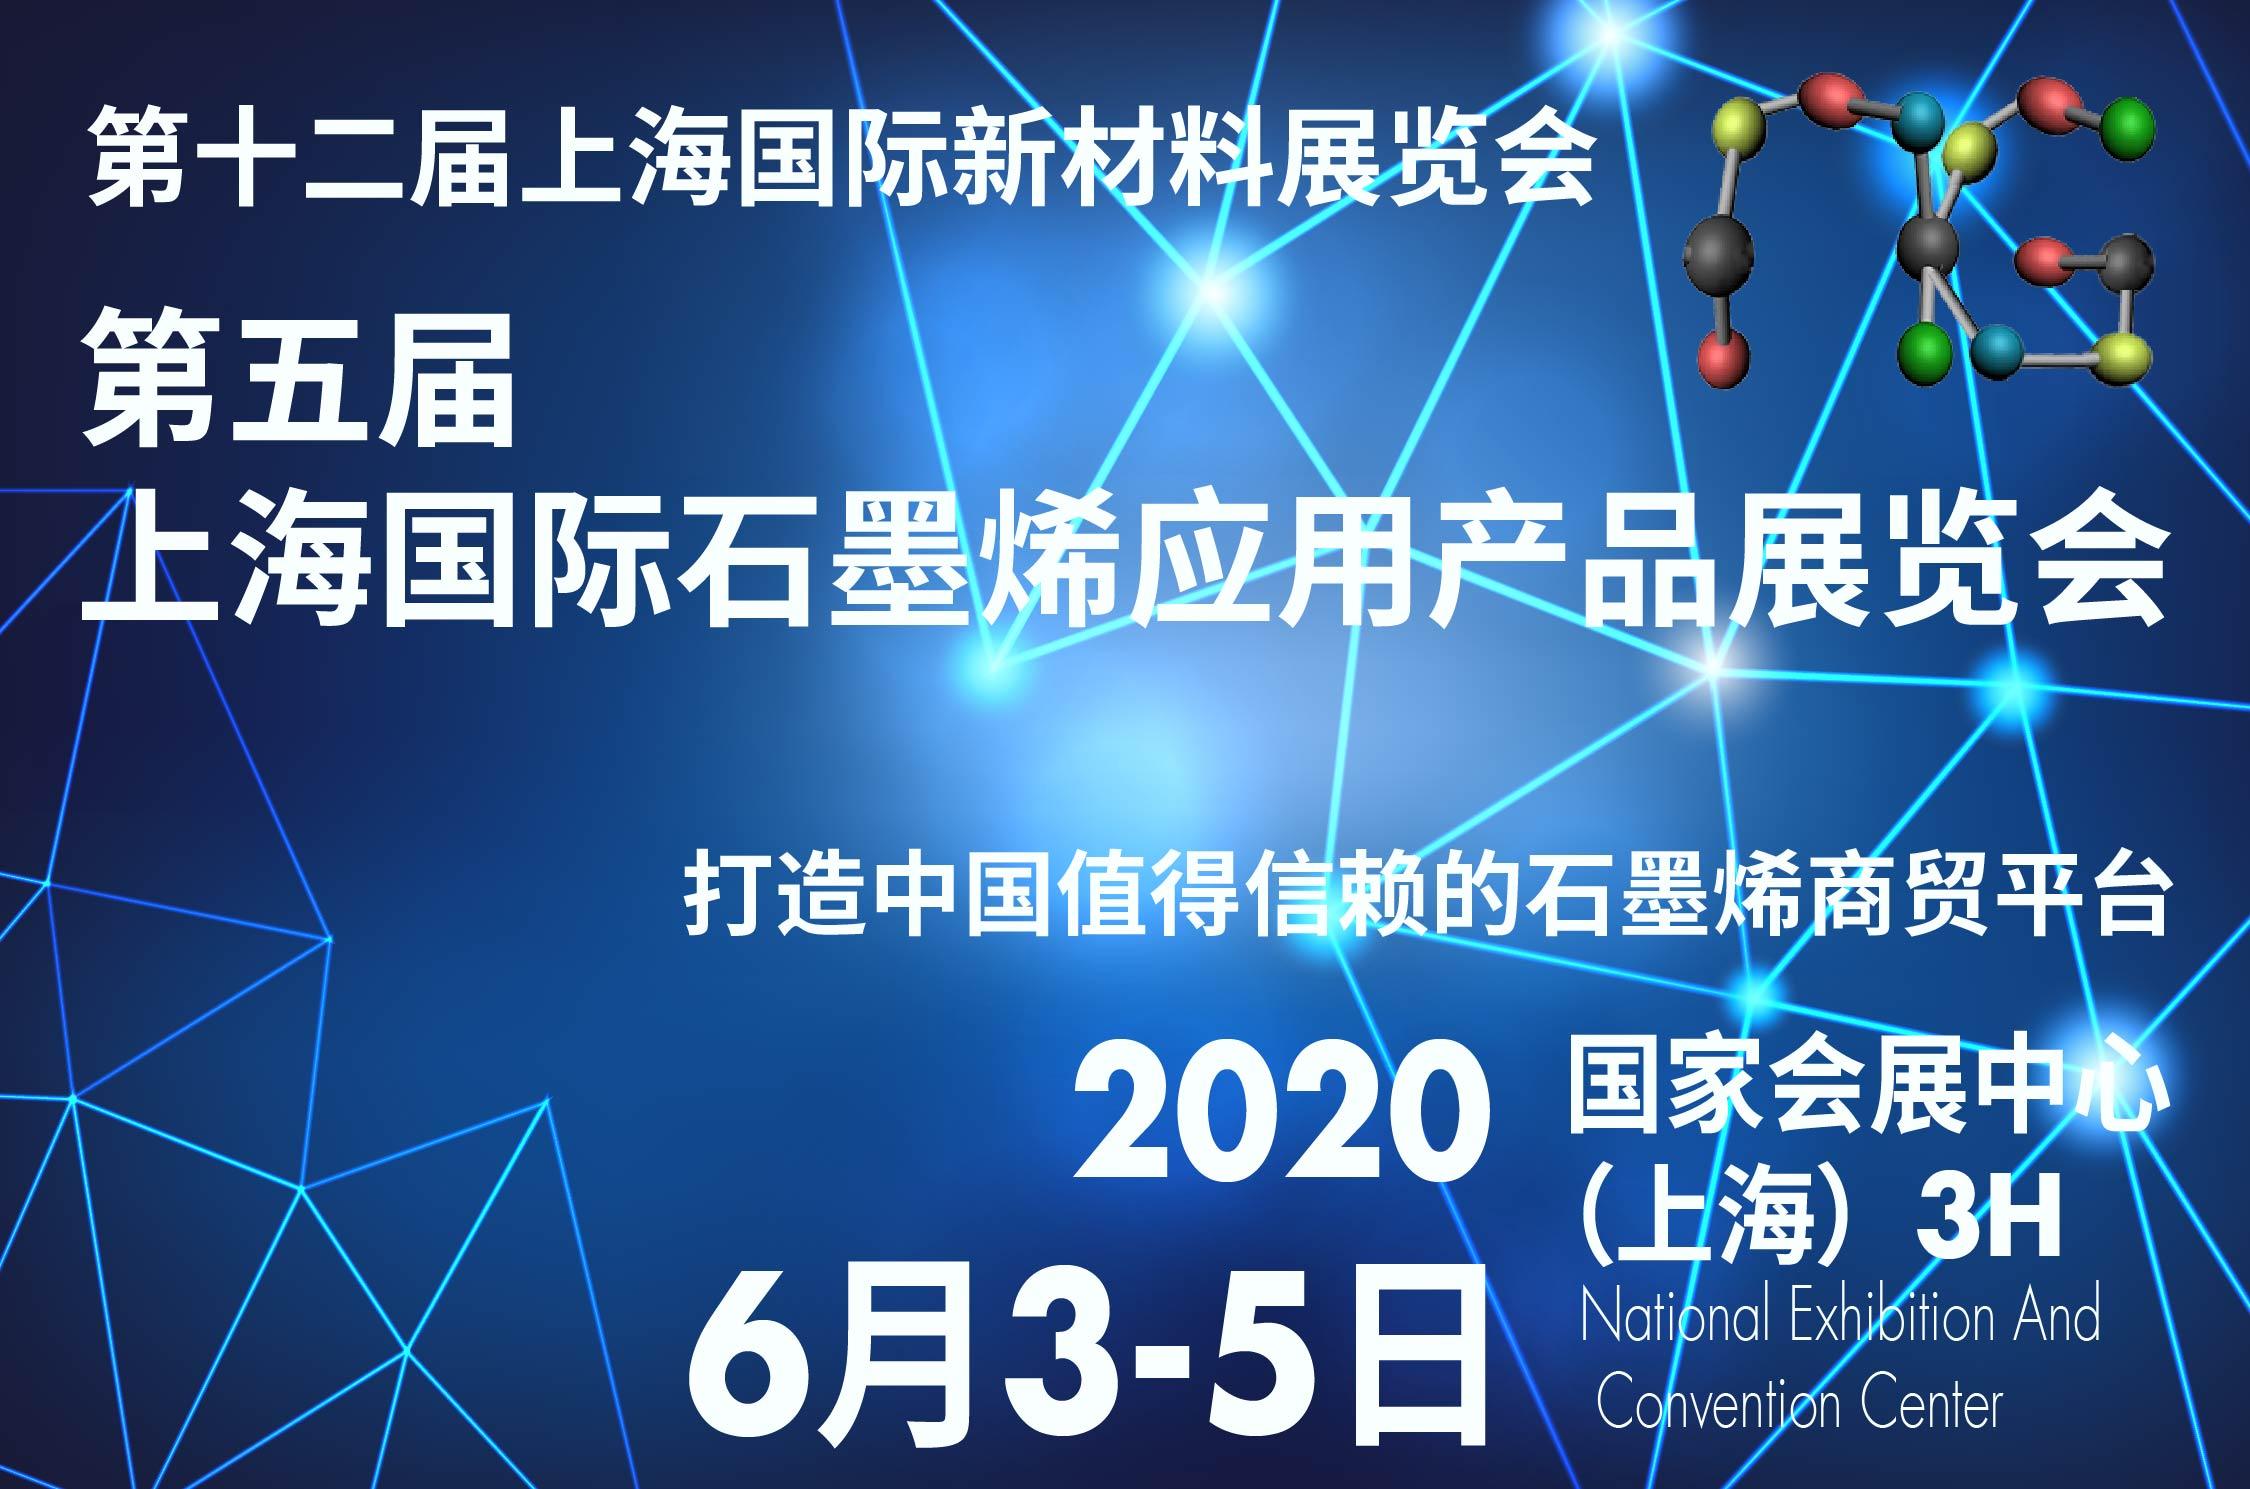 第十二届上海国际新材料展览会 暨第五届上海国际石墨烯应用产品展览会 GRAPHENETECH CHINA